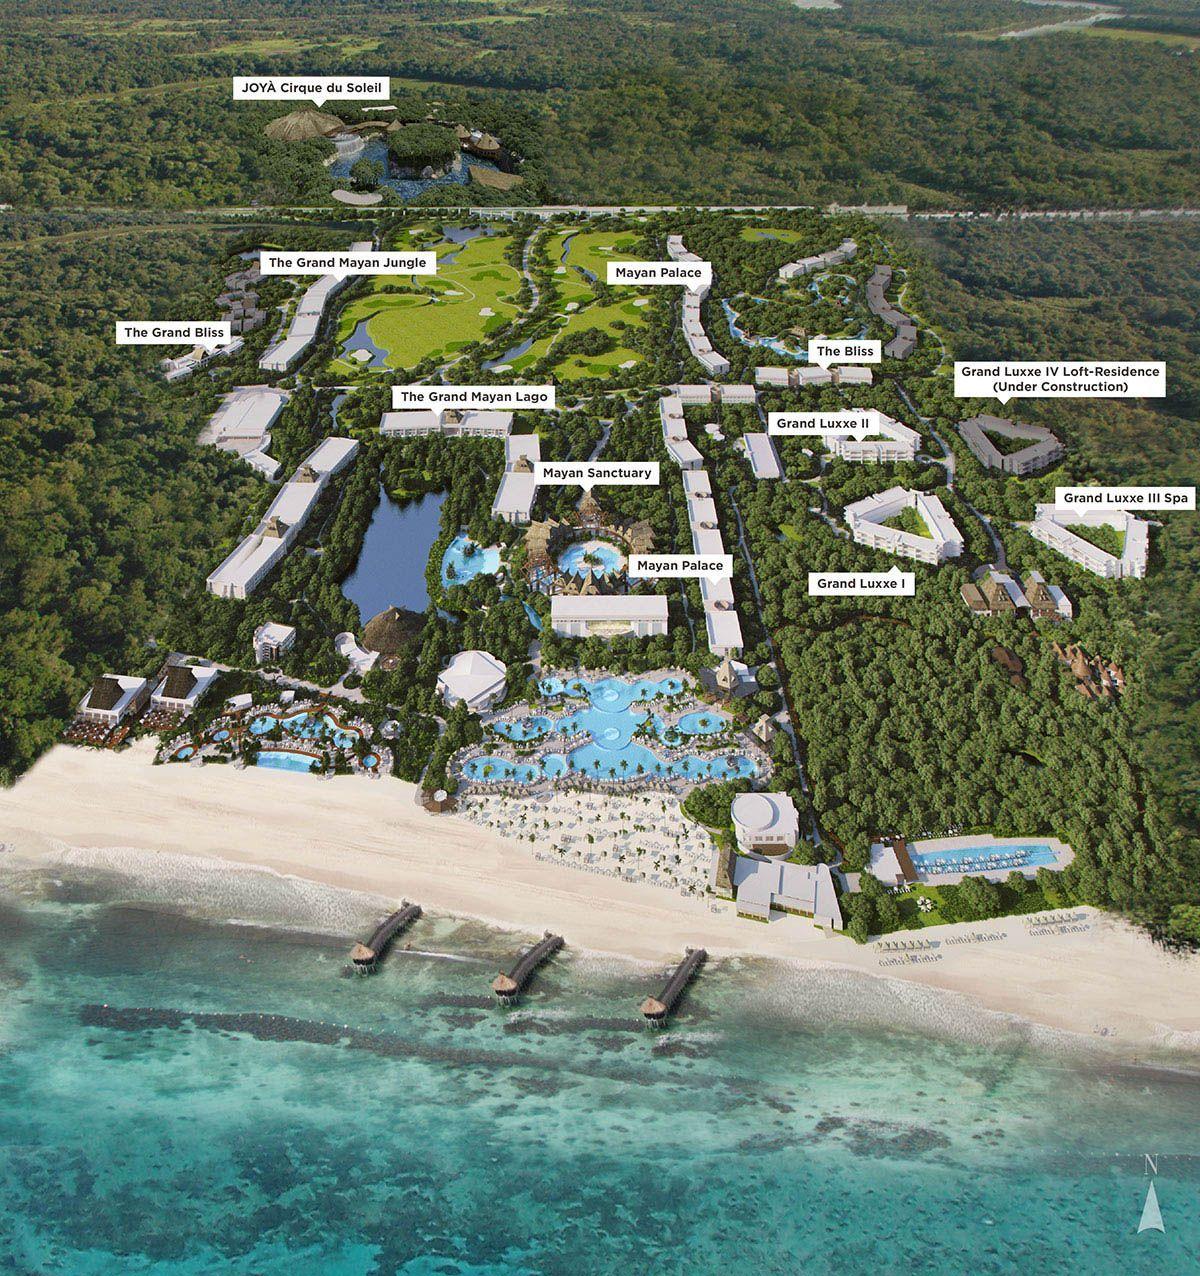 grand mayan cancun map Vidanta Resorts And Destinations Riviera Maya Resorts Mayan grand mayan cancun map